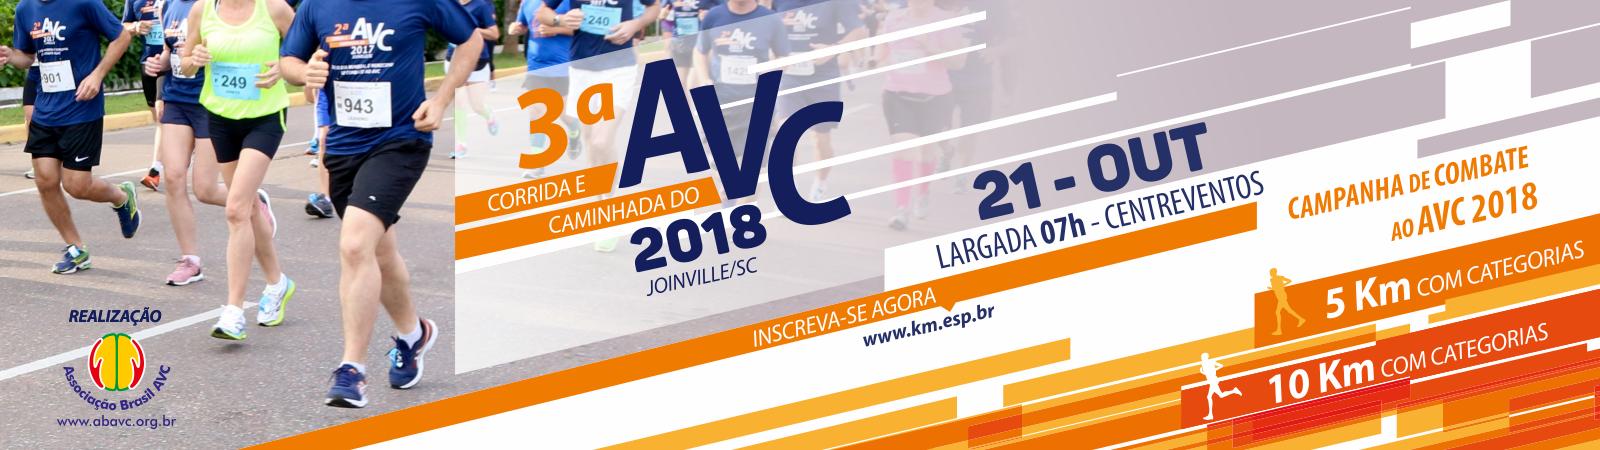 3ª CORRIDA E CAMINHADA DE COMBATE AO AVC - 2018 - Imagem de topo